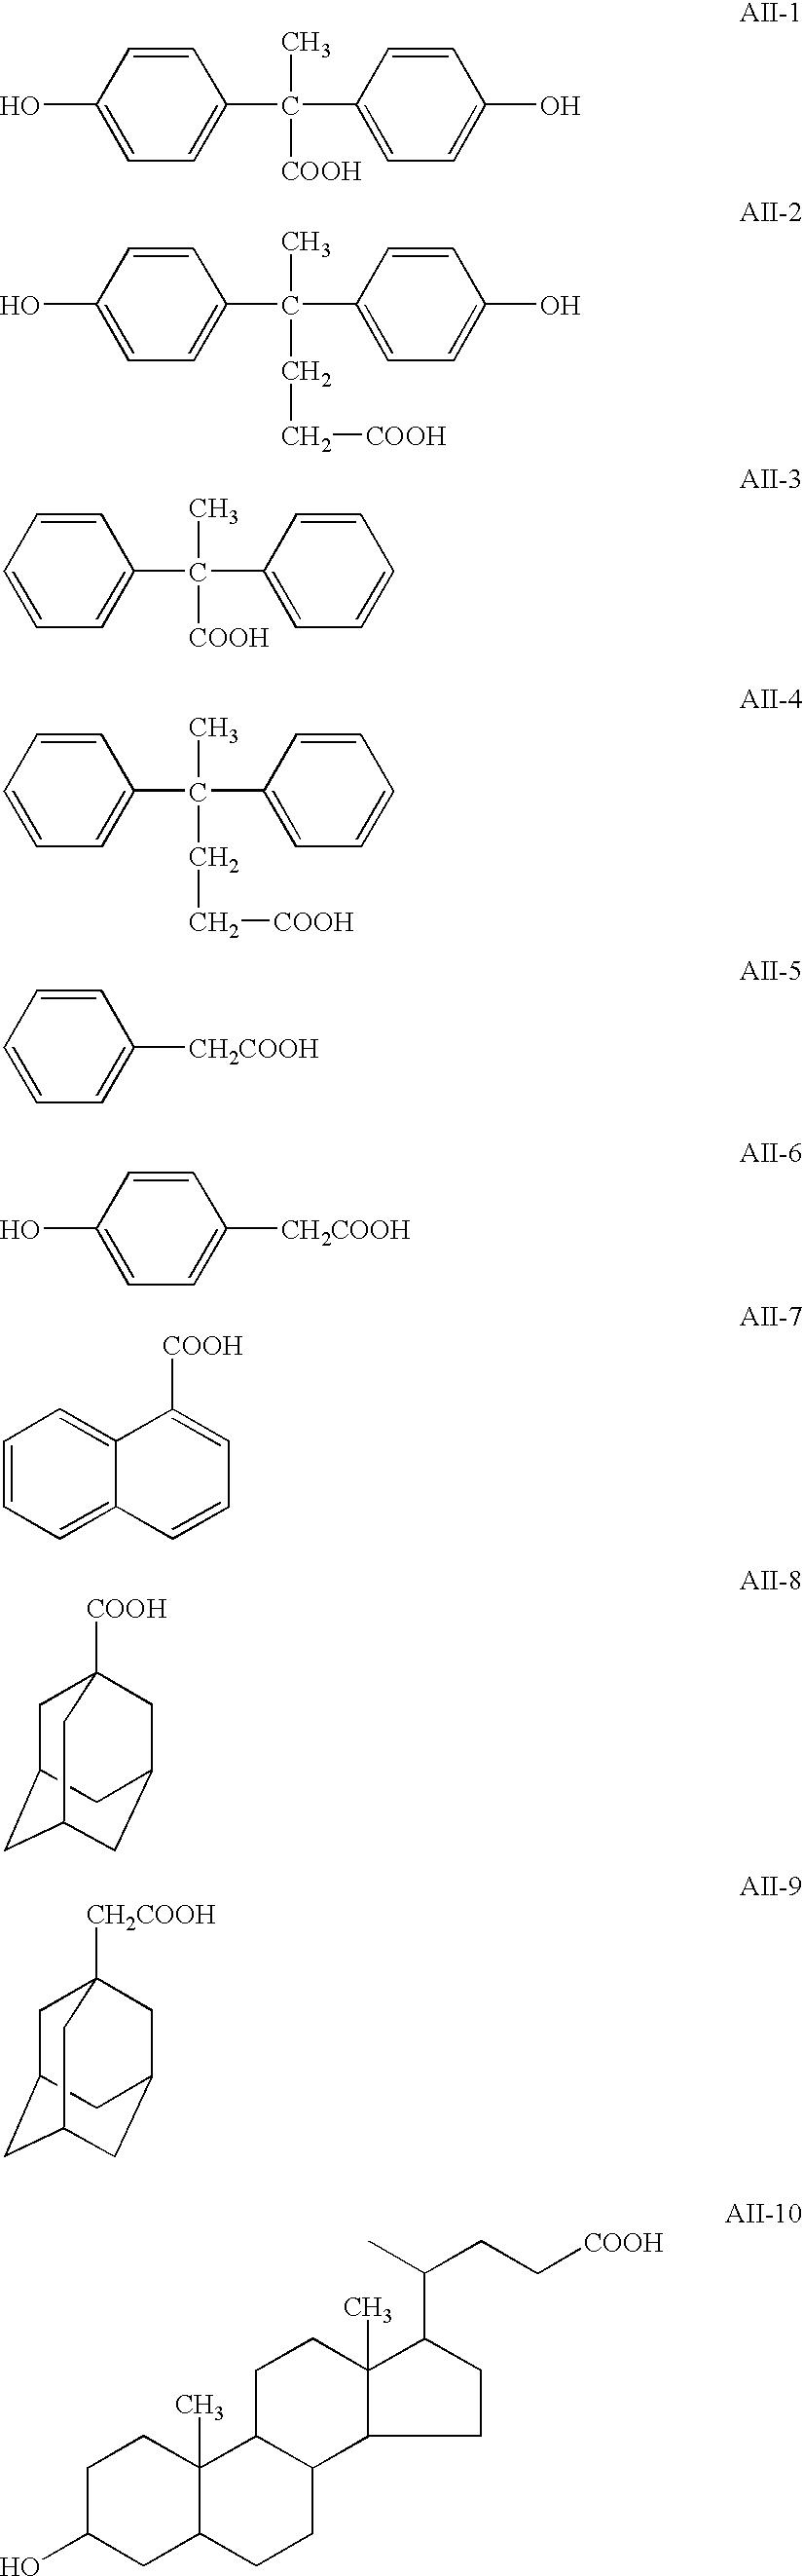 Figure US20030087181A1-20030508-C00032